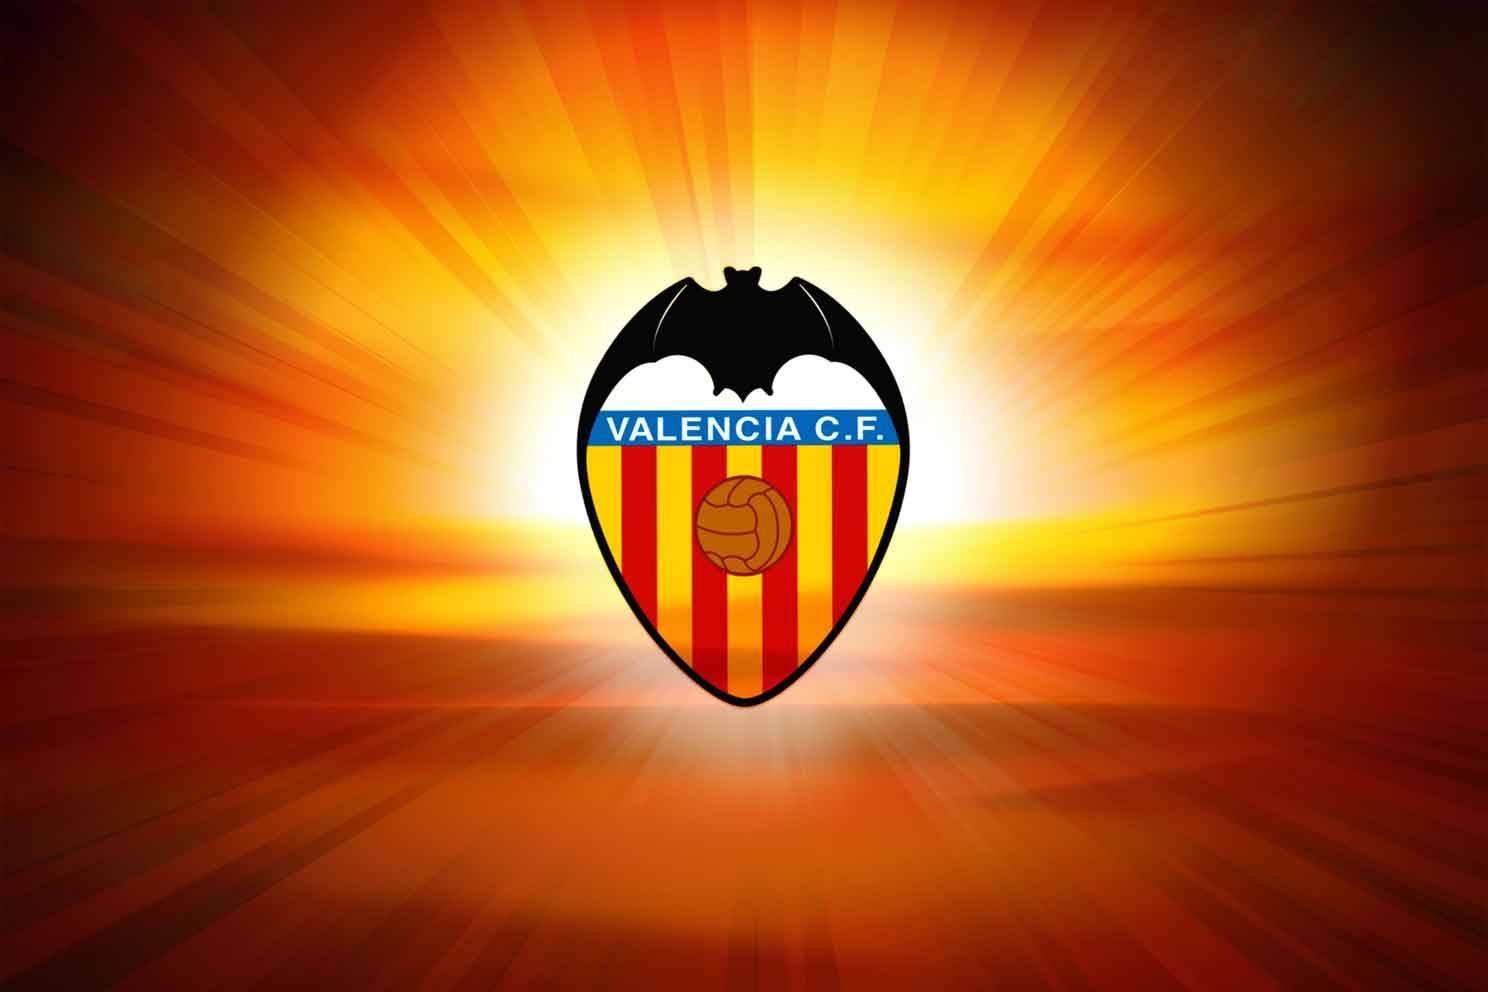 Valencia CF Symbol Wallpaper